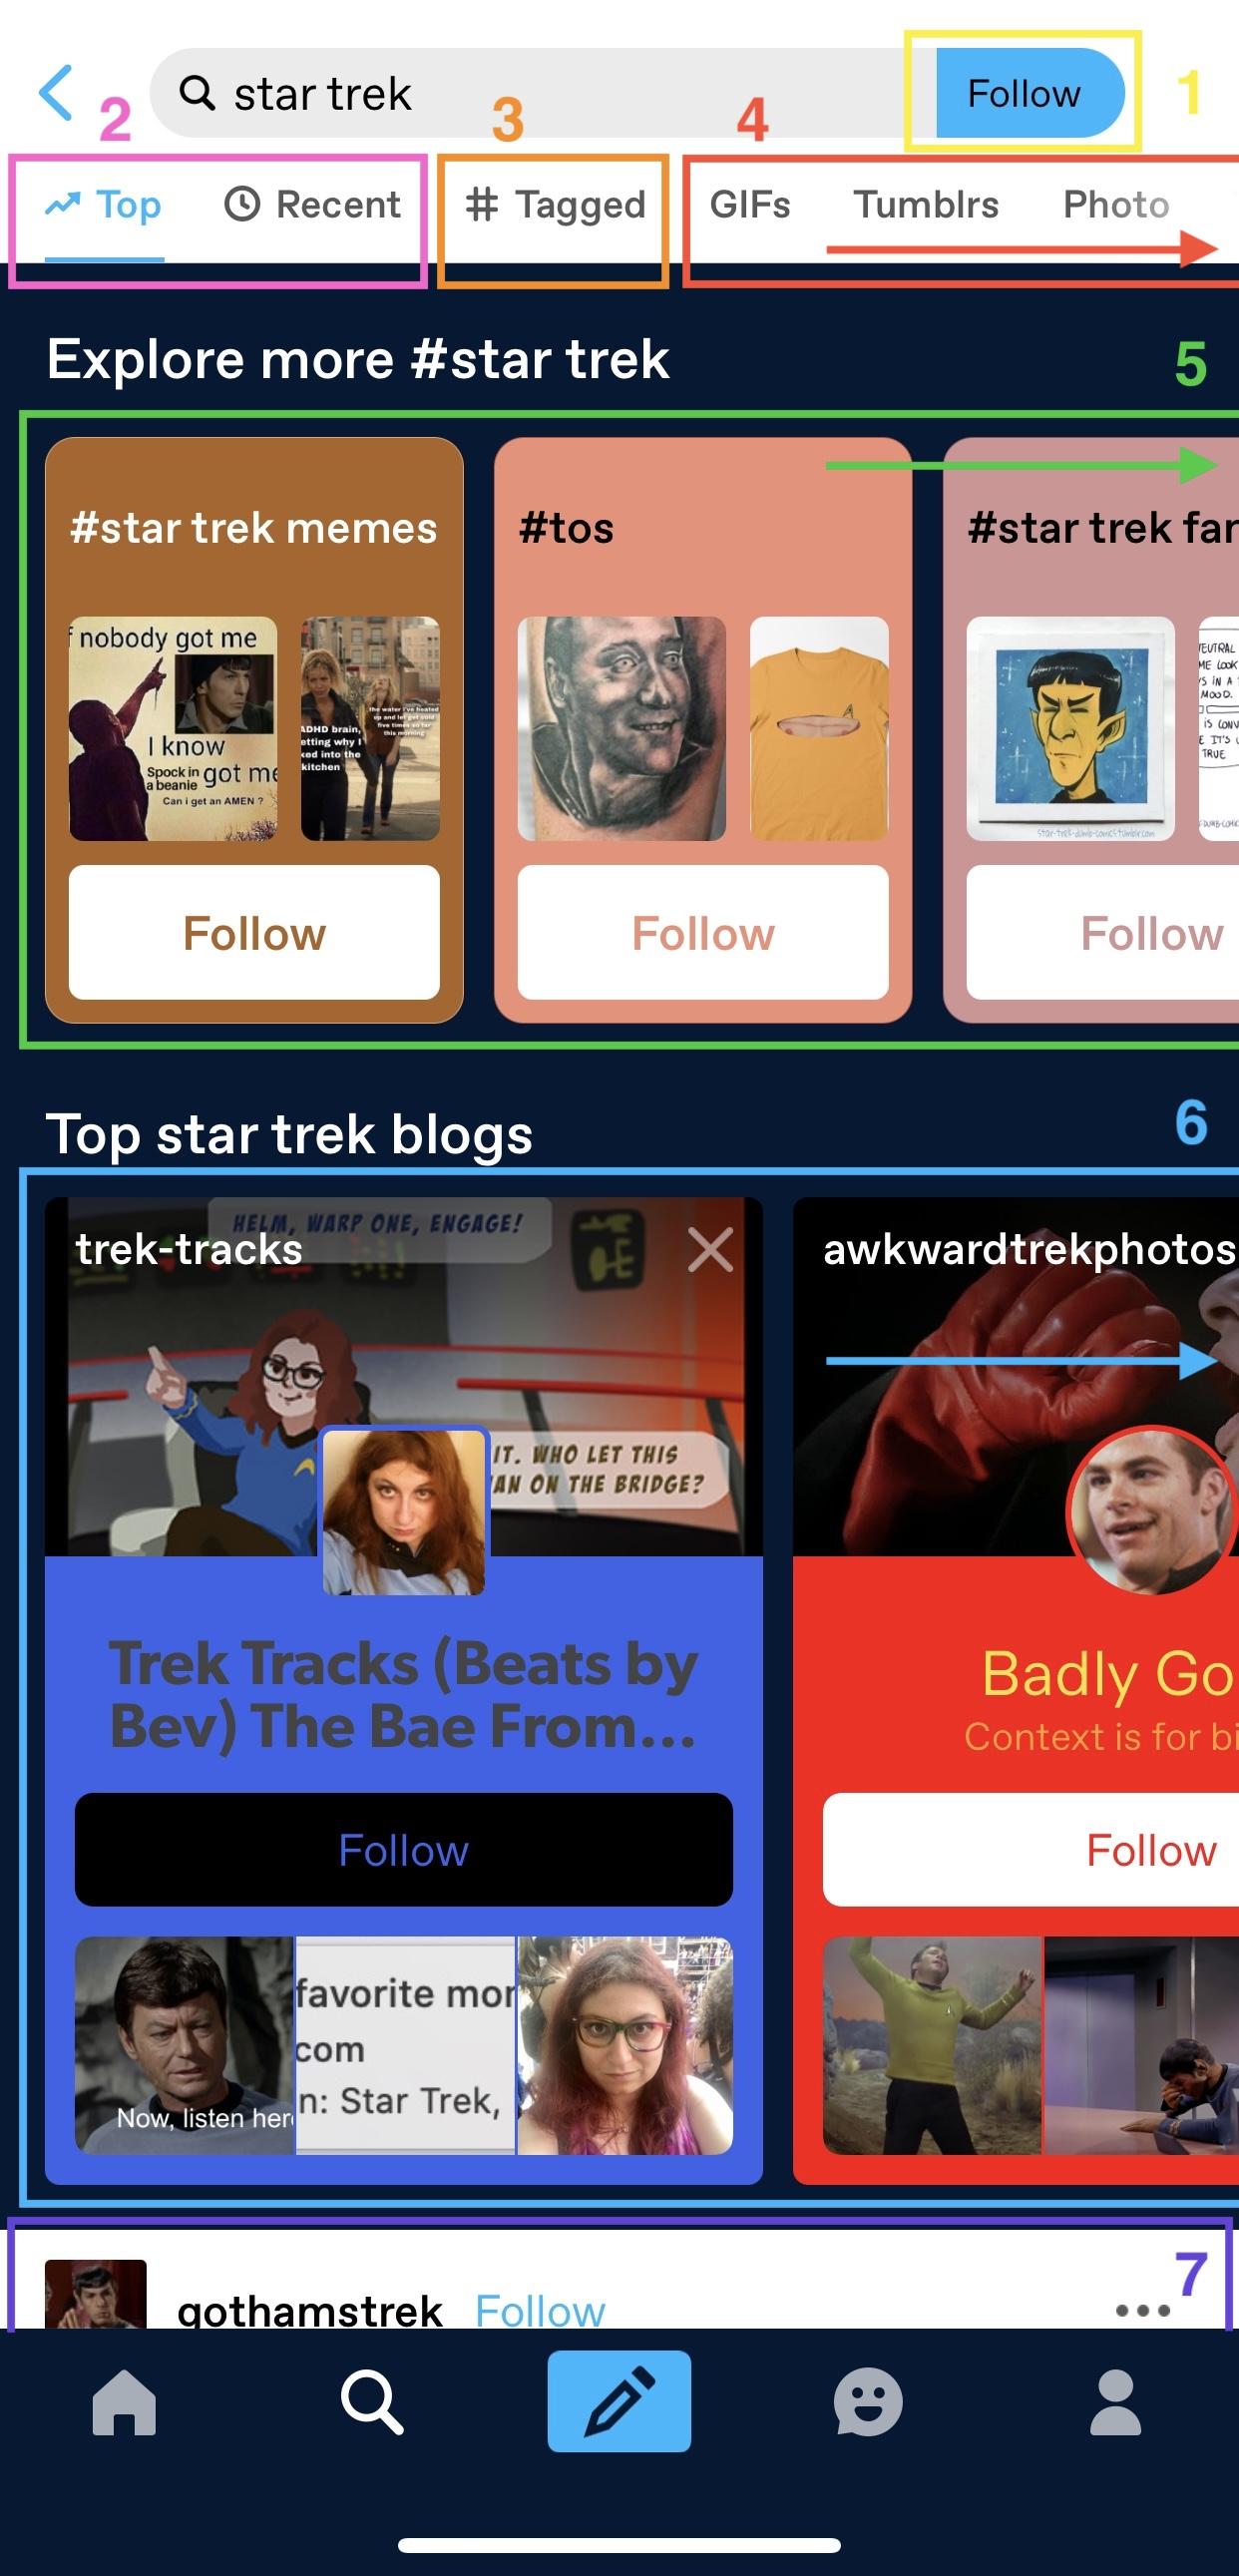 página de pesquisa de Star Trek na aplicação. Sete opções são etiquetadas numericamente. Clica no link da descrição da imagem abaixo da imagem para veres uma descrição detalhada da captura de ecrã. Vê o texto abaixo da imagem para conheceres as explicações das etiquetas correspondentes.